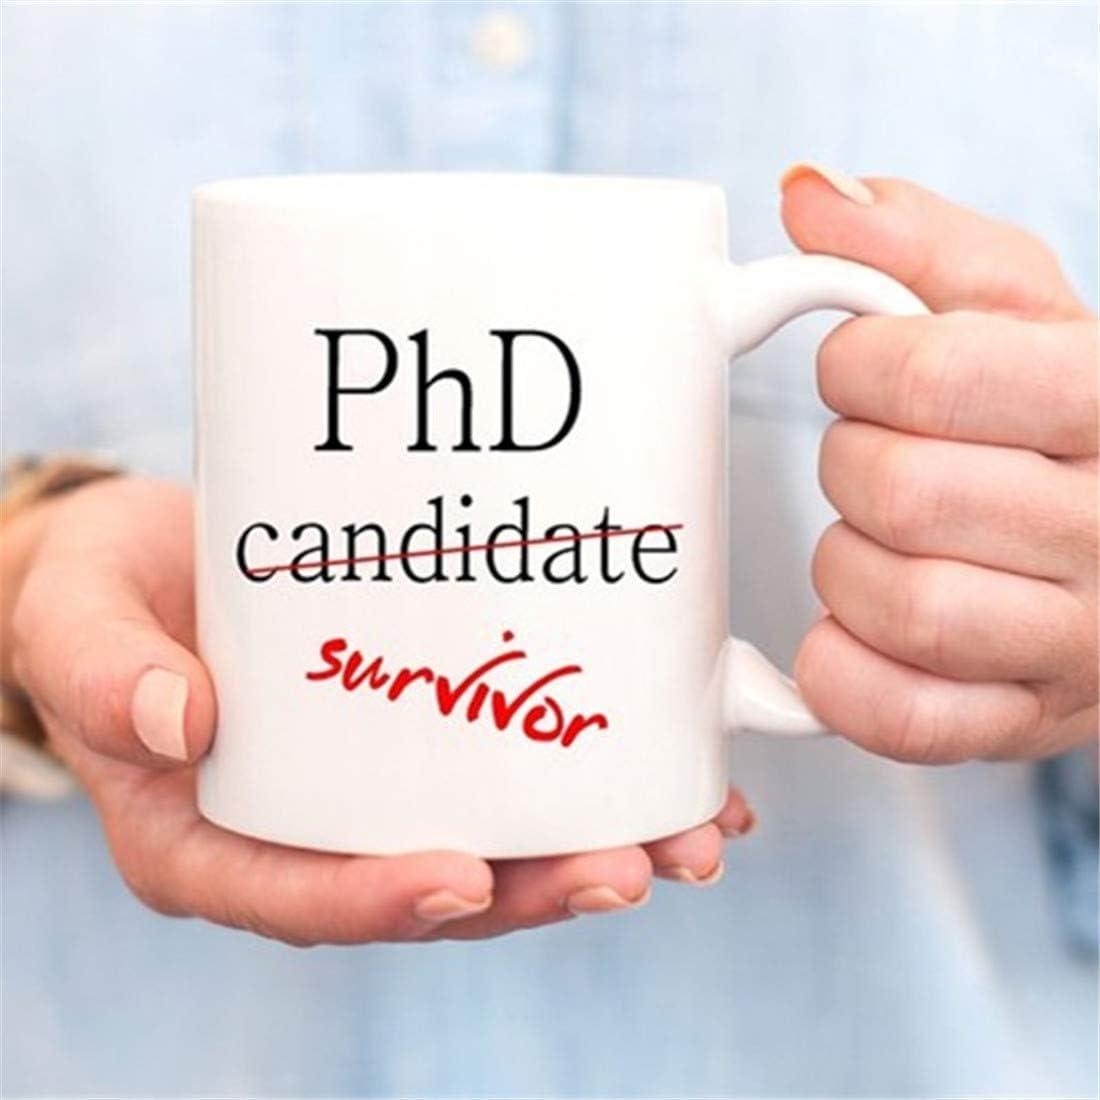 Phd Tazas, regalo de doctorado, regalo para doctorado, regalos de doctorado, regalo de graduación, regalo de graduación de doctorado, taza de doctorado, taza de doctorado